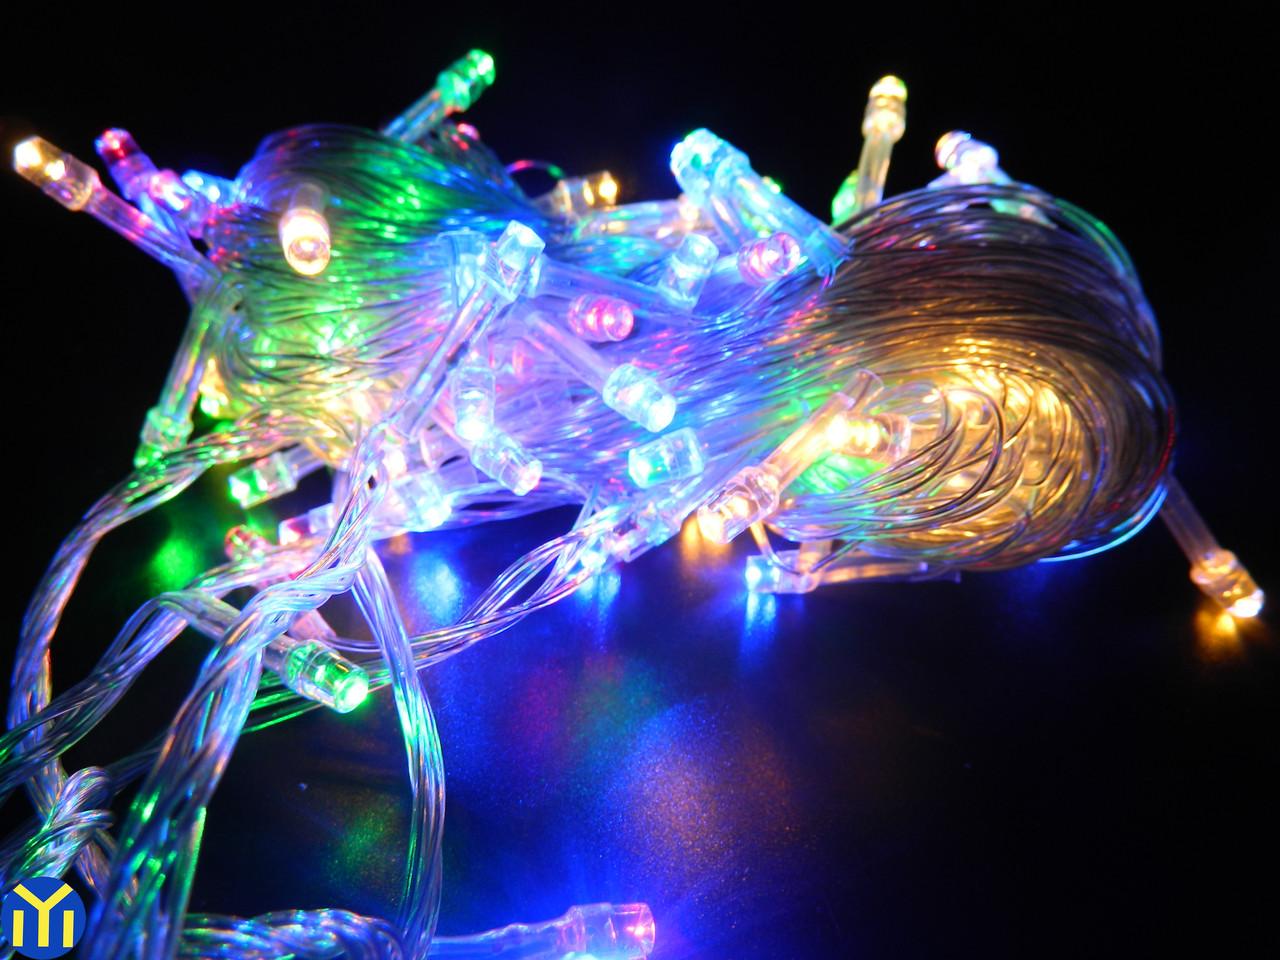 Гирлянда новогодняя нить, Разноцветная, 200 LED, 16м.